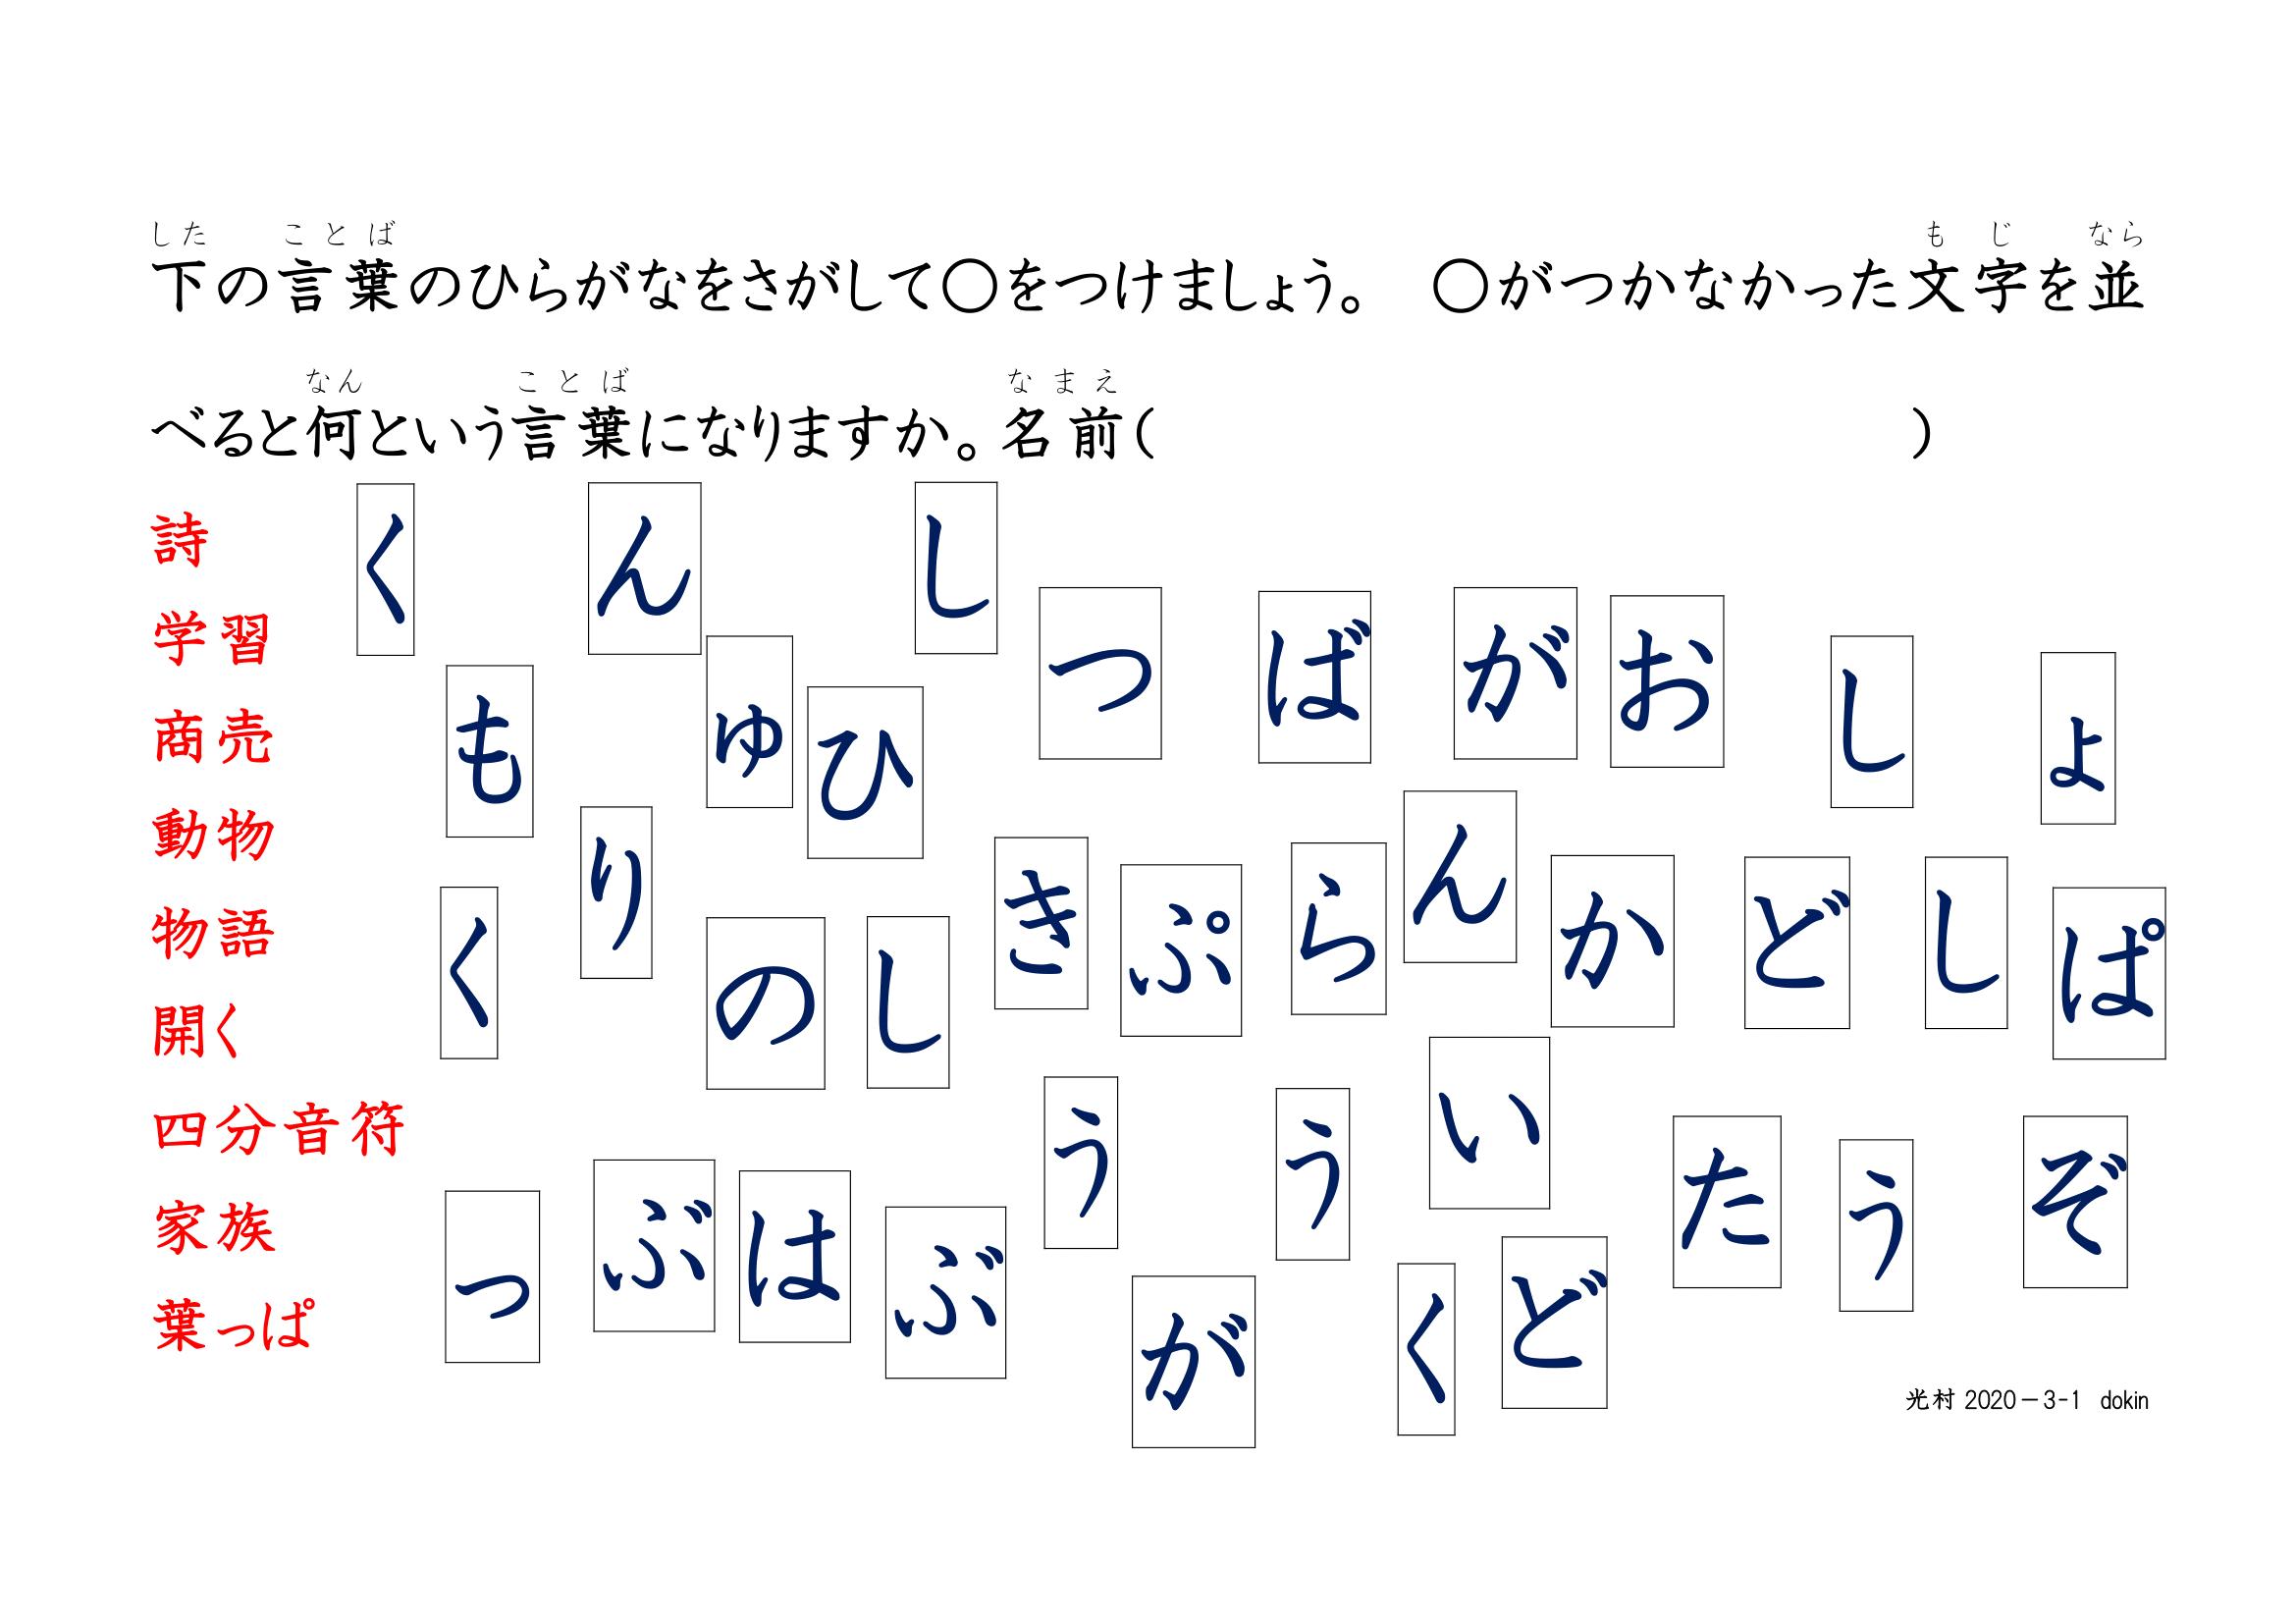 文字さがし眼球運動ビジョントレーニング用プリント3年漢字01